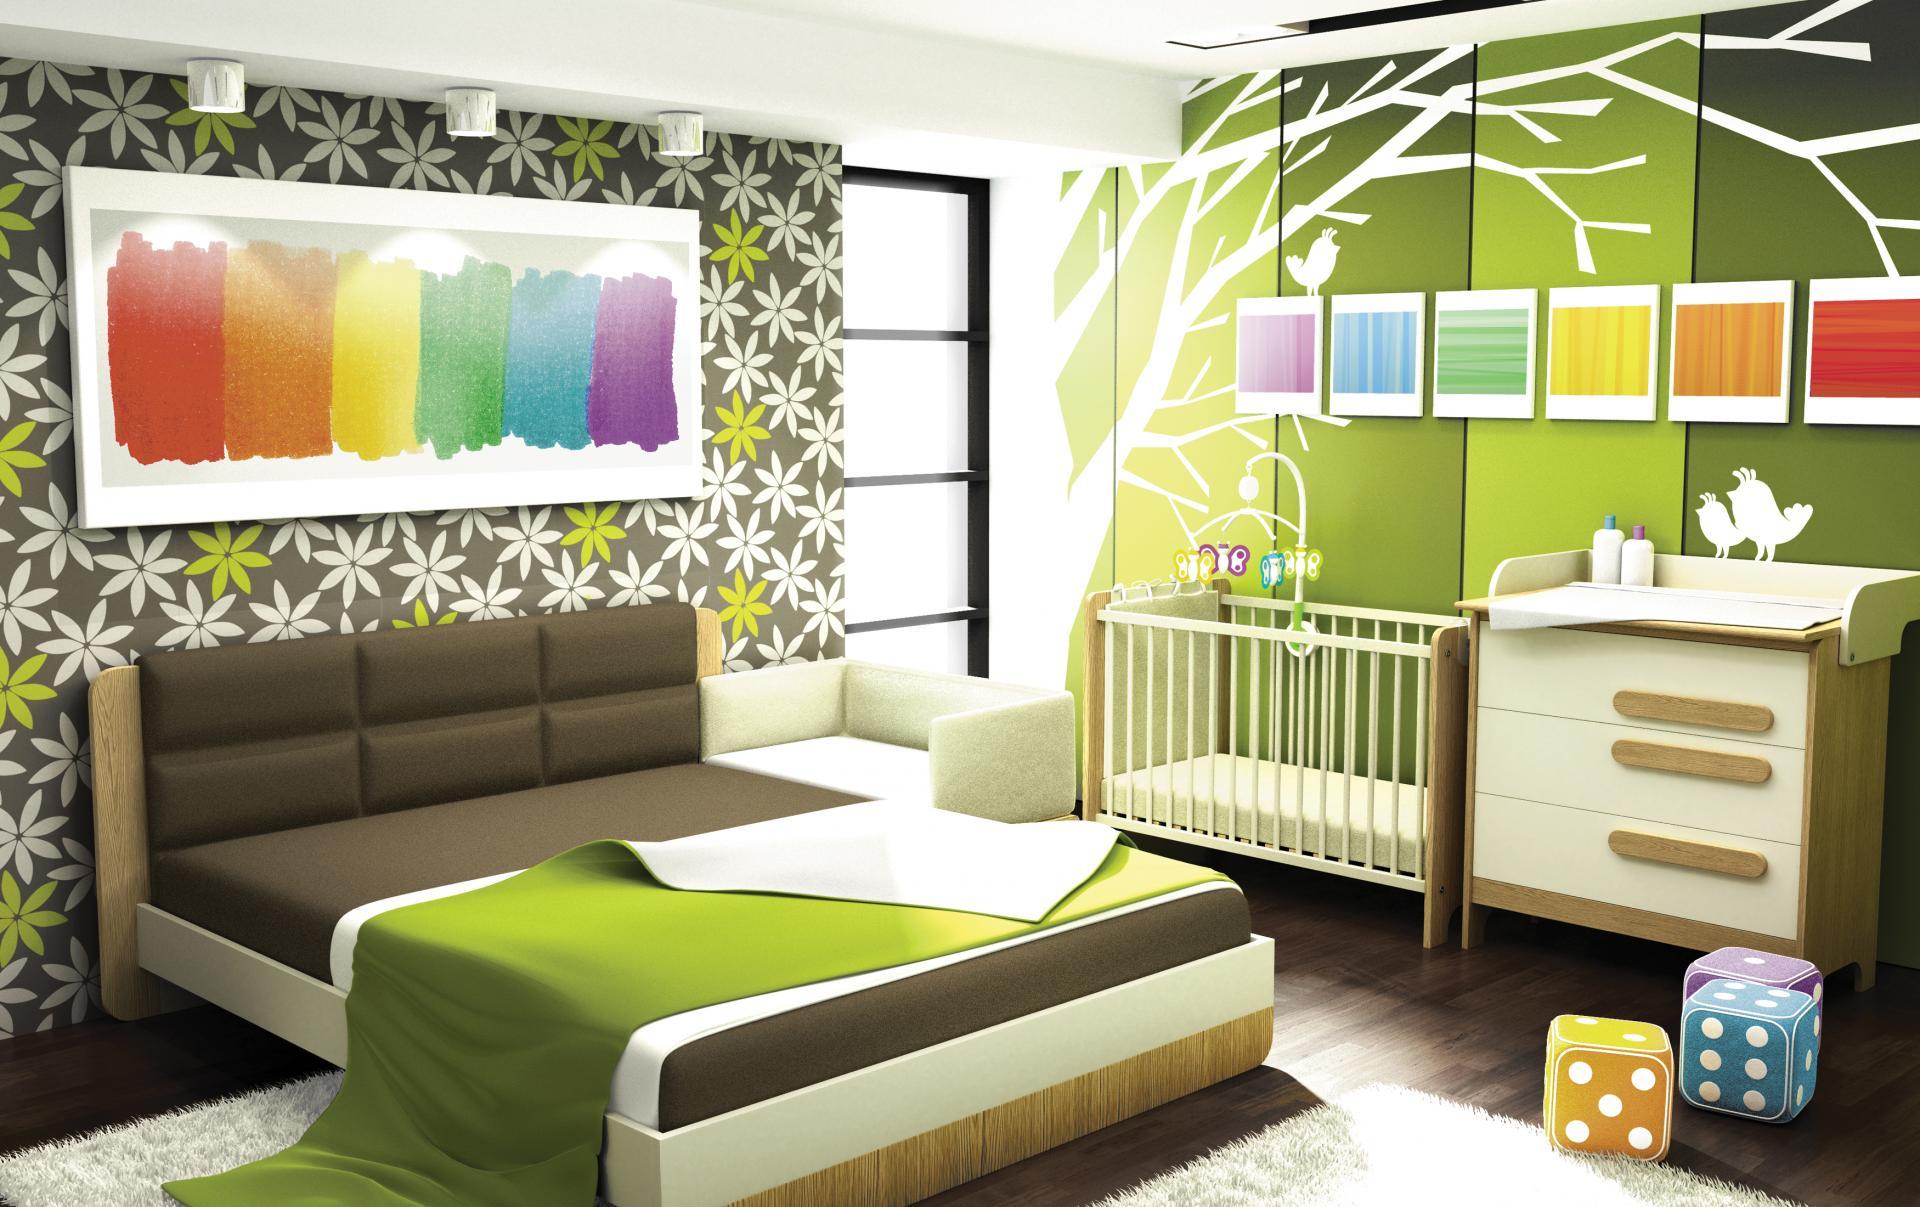 спальня и детская в одной комнате дизайн идеи